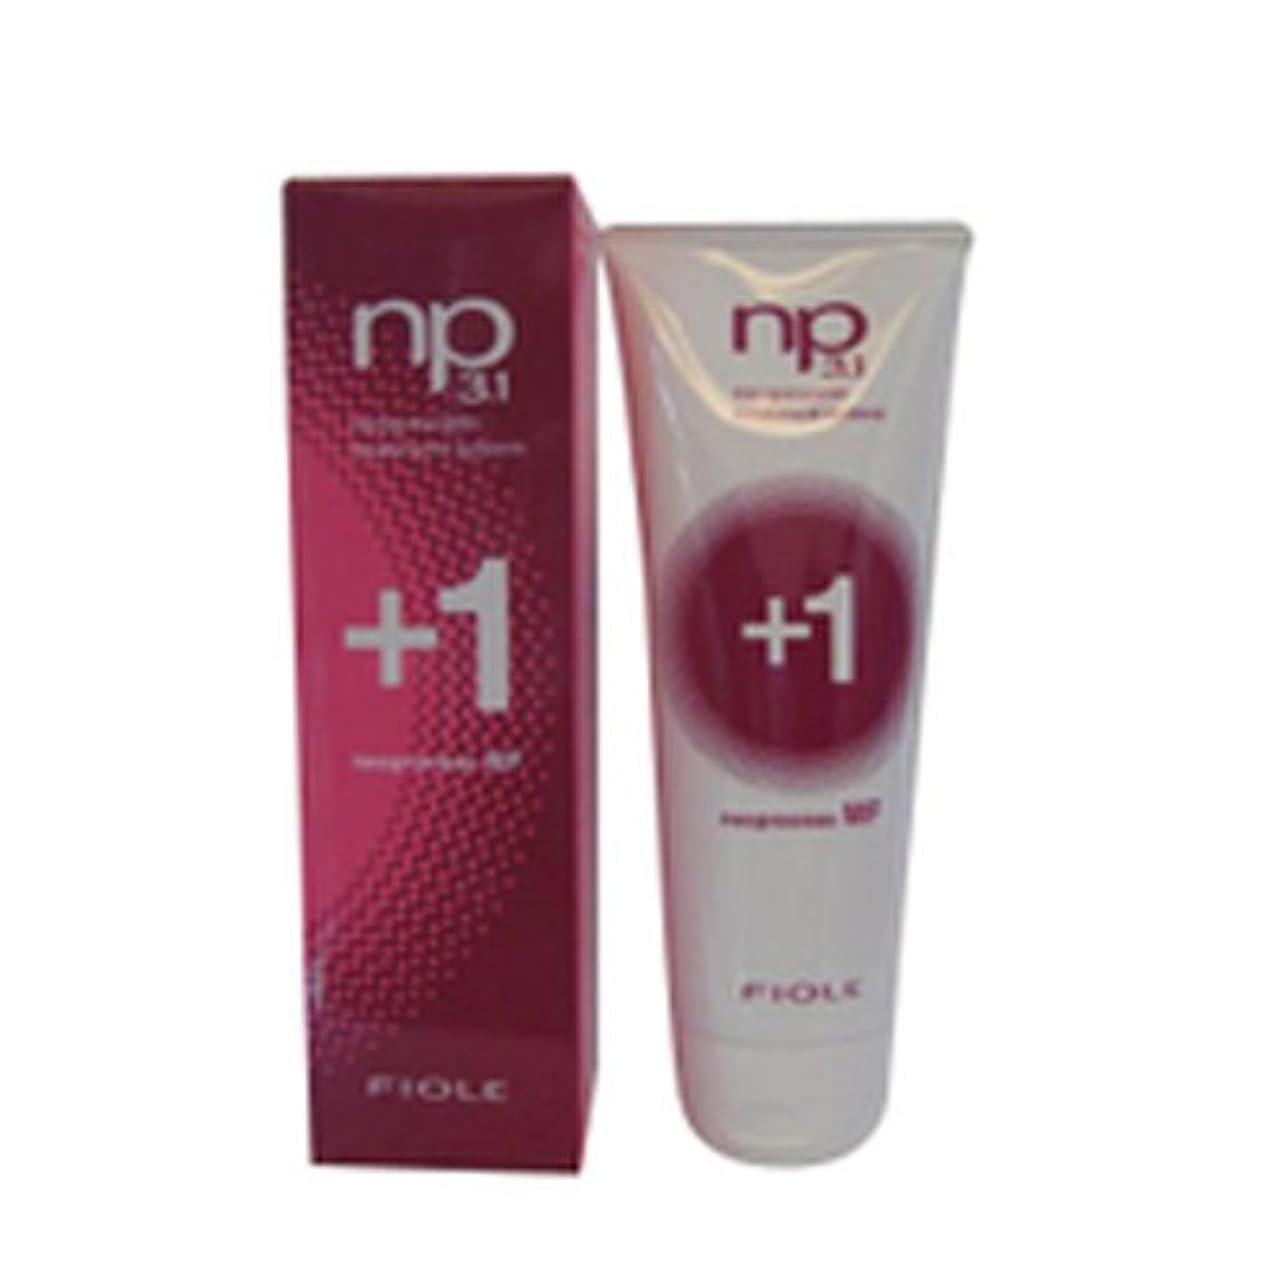 おとなしいパッケージ不屈フィヨーレ NP3.1 ネオプロセス MFプラス1(ヘアトリートメント)240g